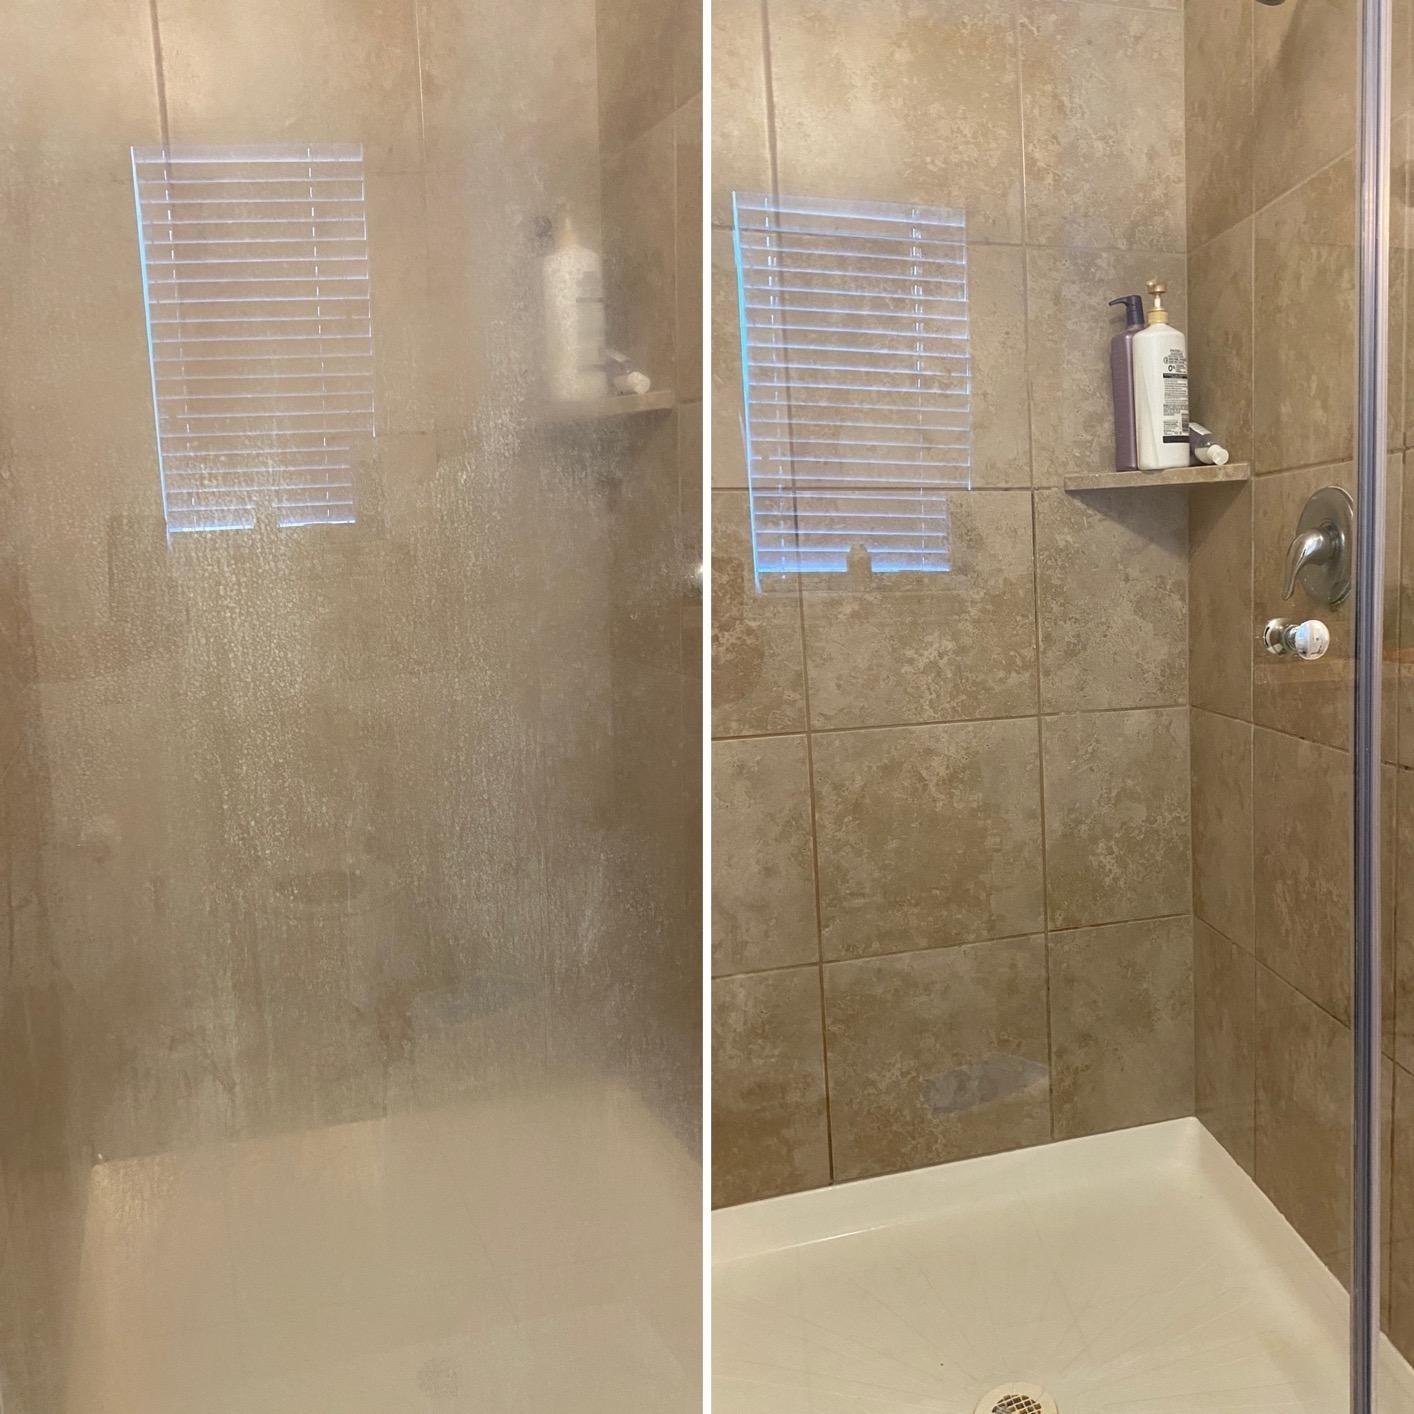 Reviewer image of stained shower door vs clean shower door